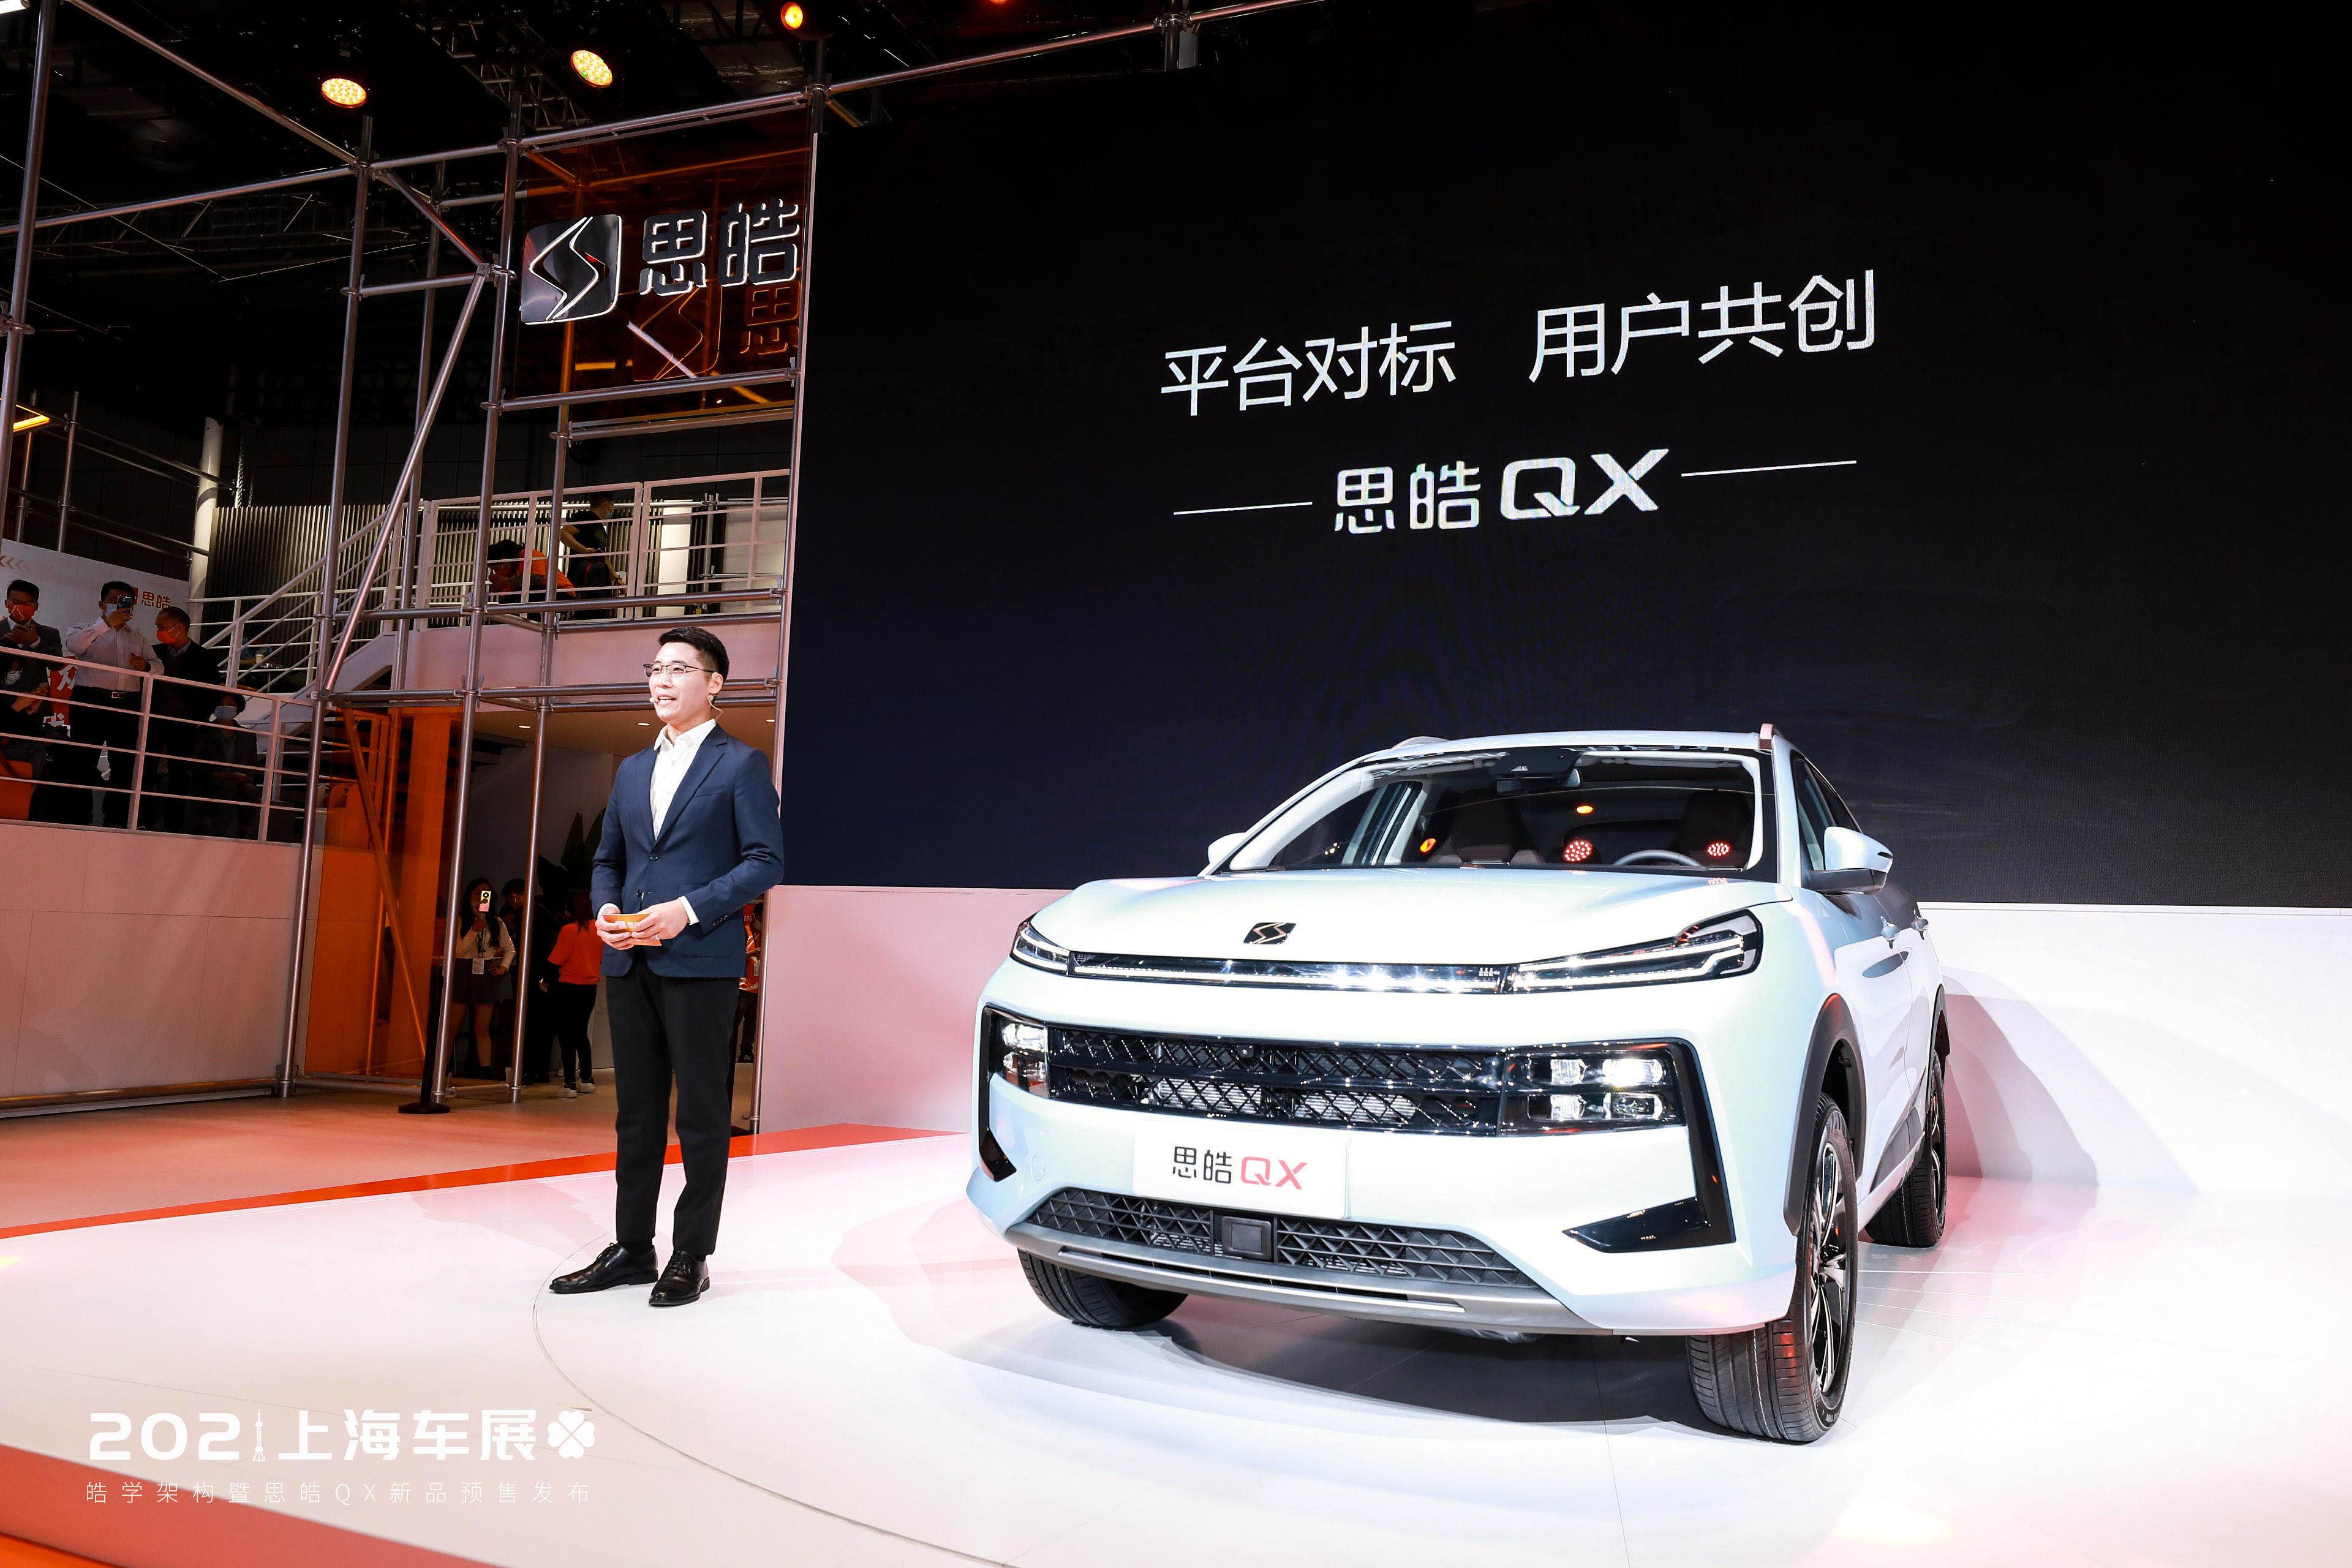 """上海车展:""""MIS皓学架构""""技术品牌发布/思皓QX亮相并预售"""